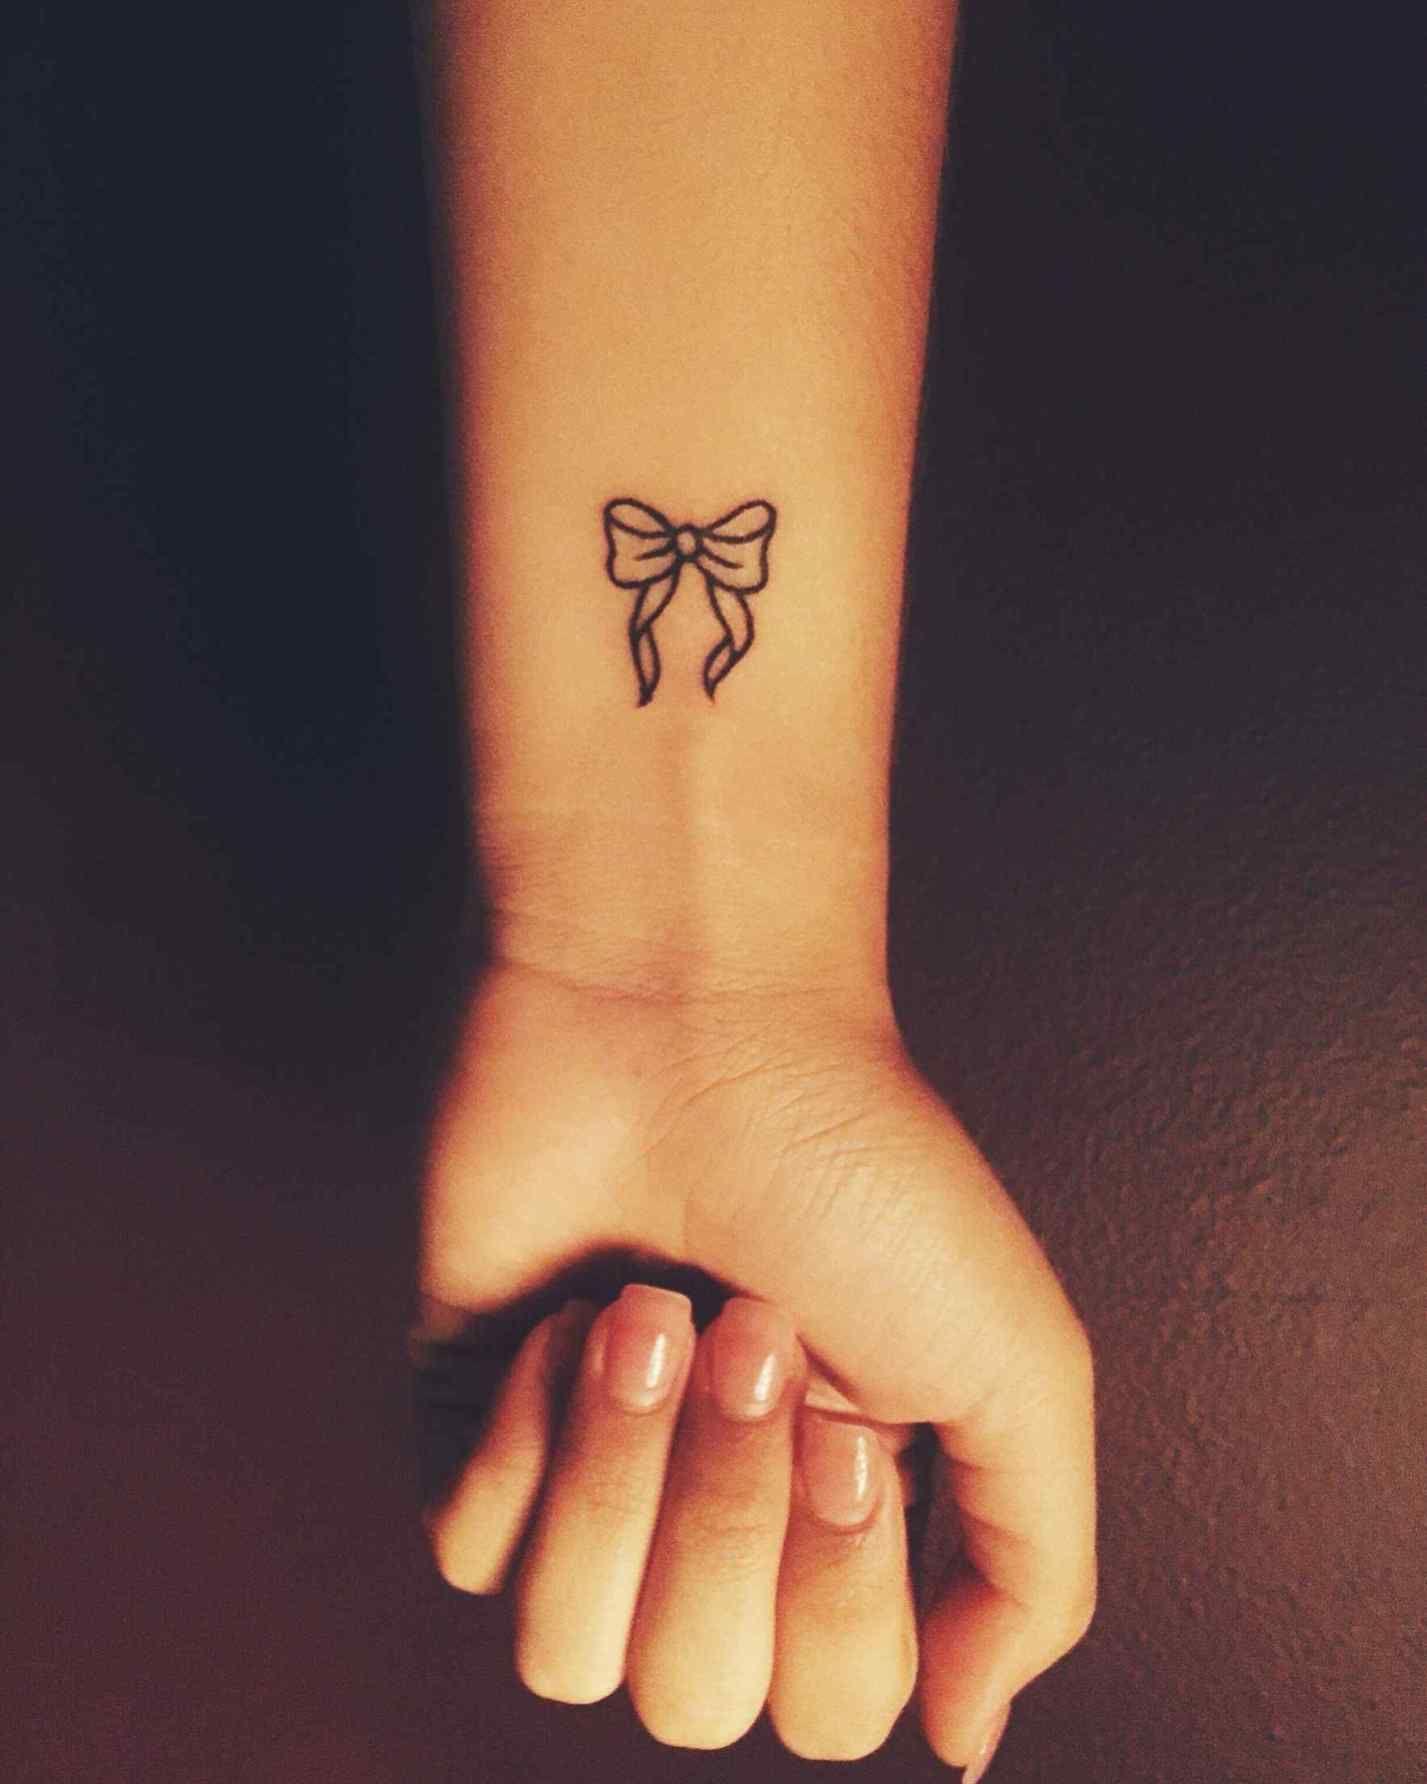 Front Wrist Tattoos : front, wrist, tattoos, Script, Tattoo, Wrist, Fresh, Small, Tattoos, Pinterest, Wrist,, Tattoo,, Simple